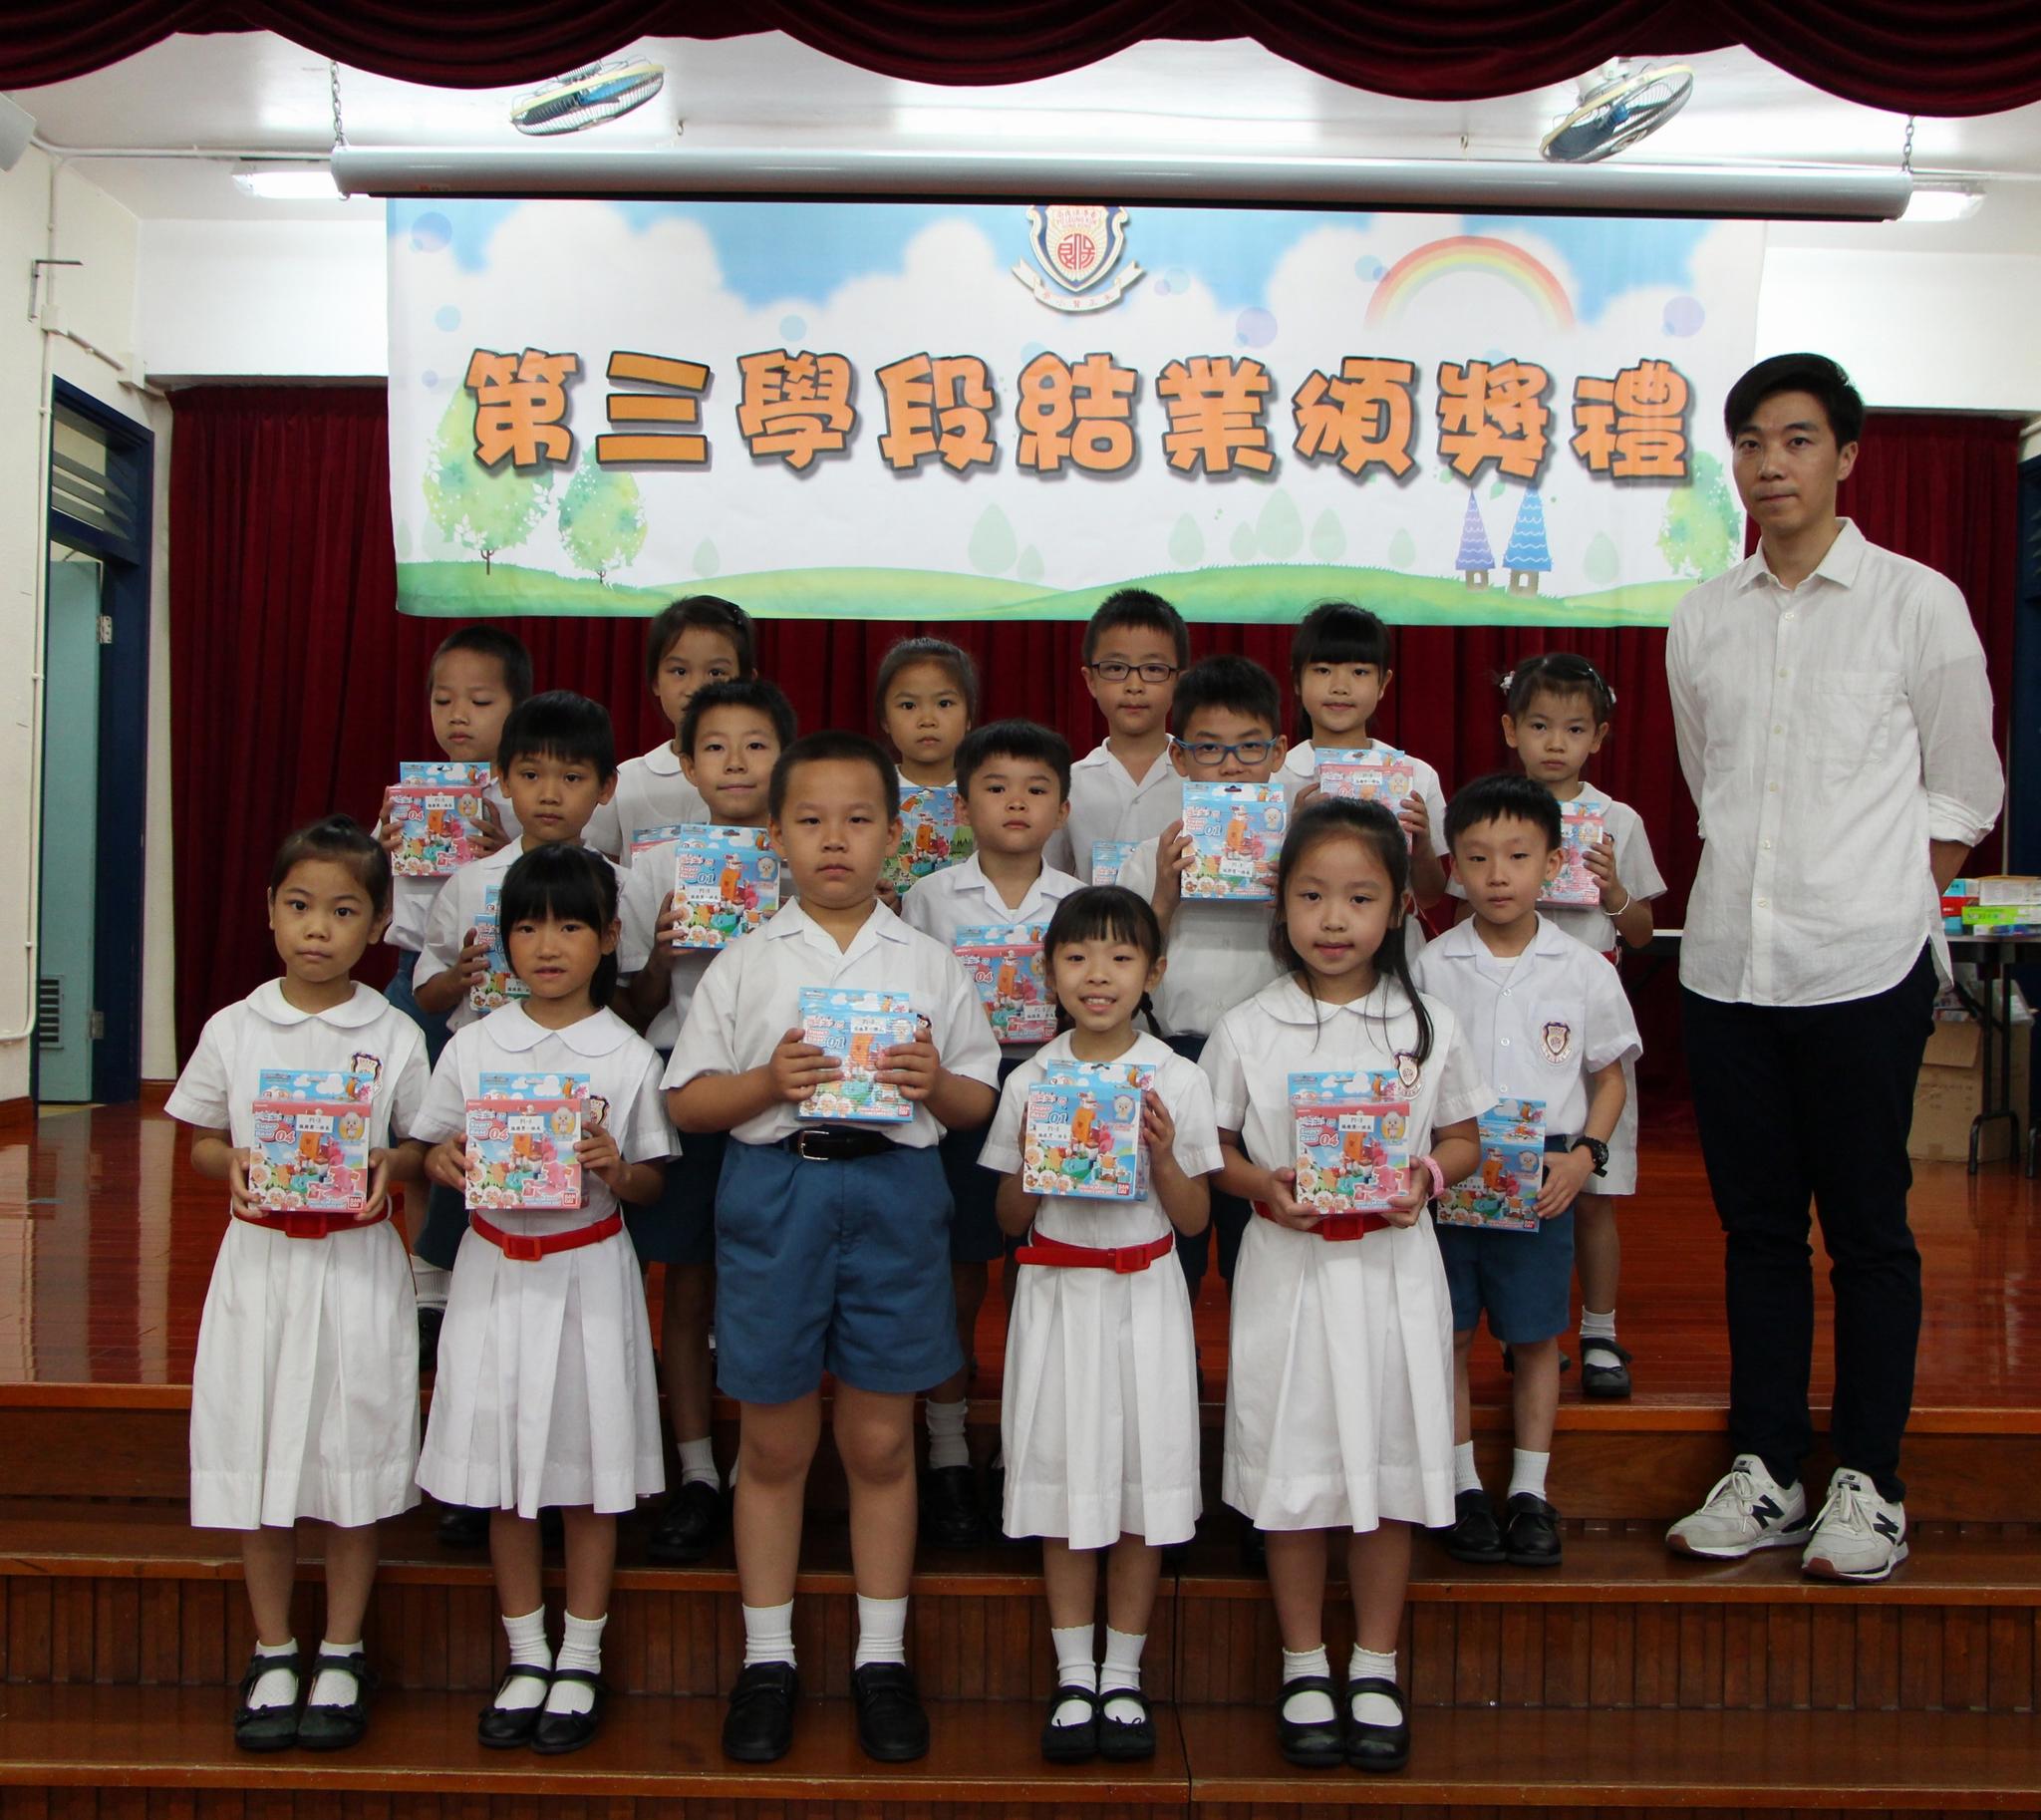 https://plkcjy.edu.hk/sites/default/files/img_5648.jpg